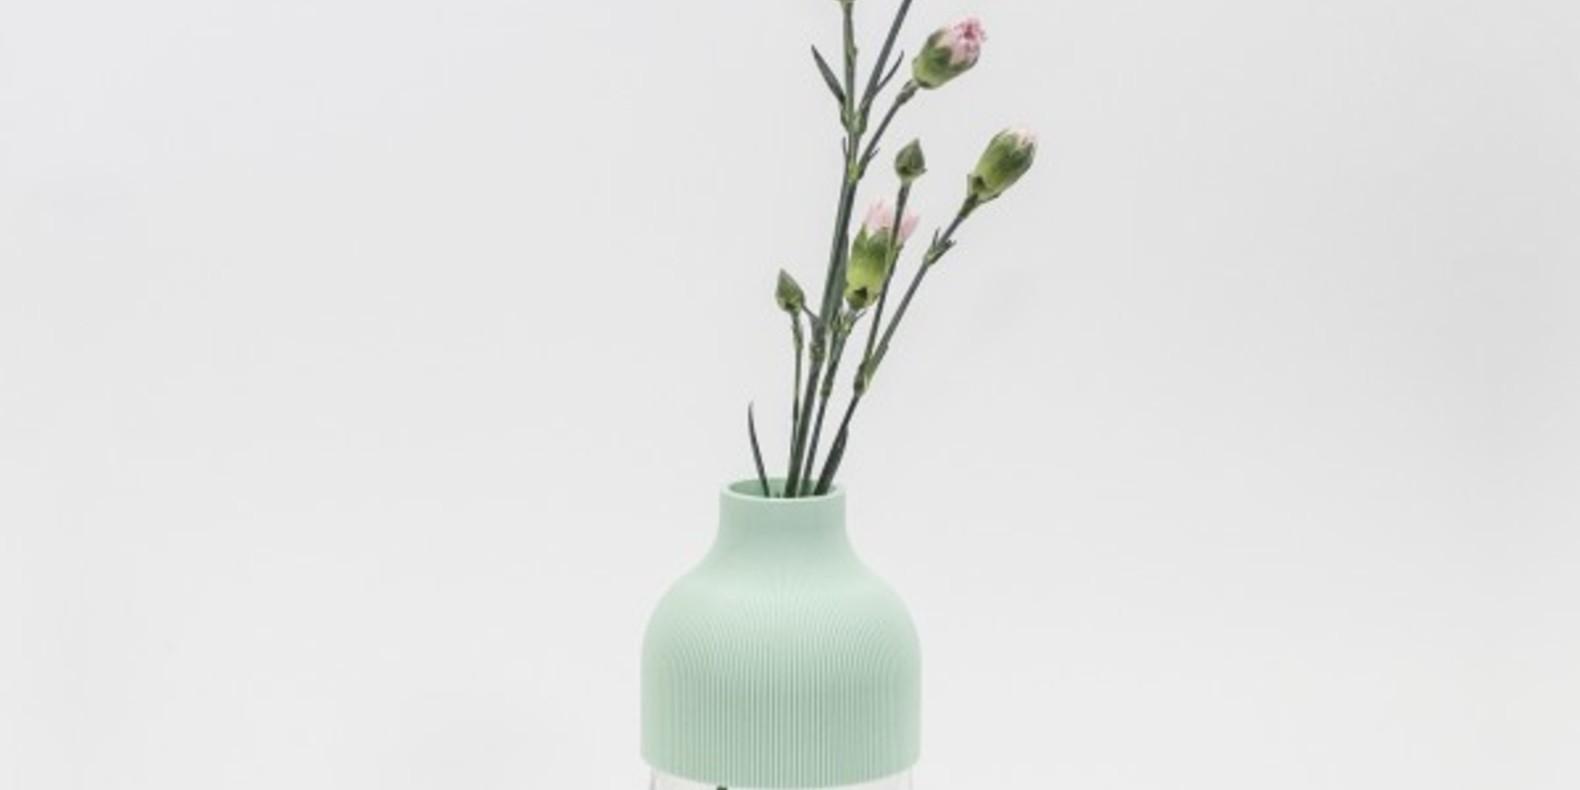 VASE1, vase imprimé en 3D des créateurs UAU Project